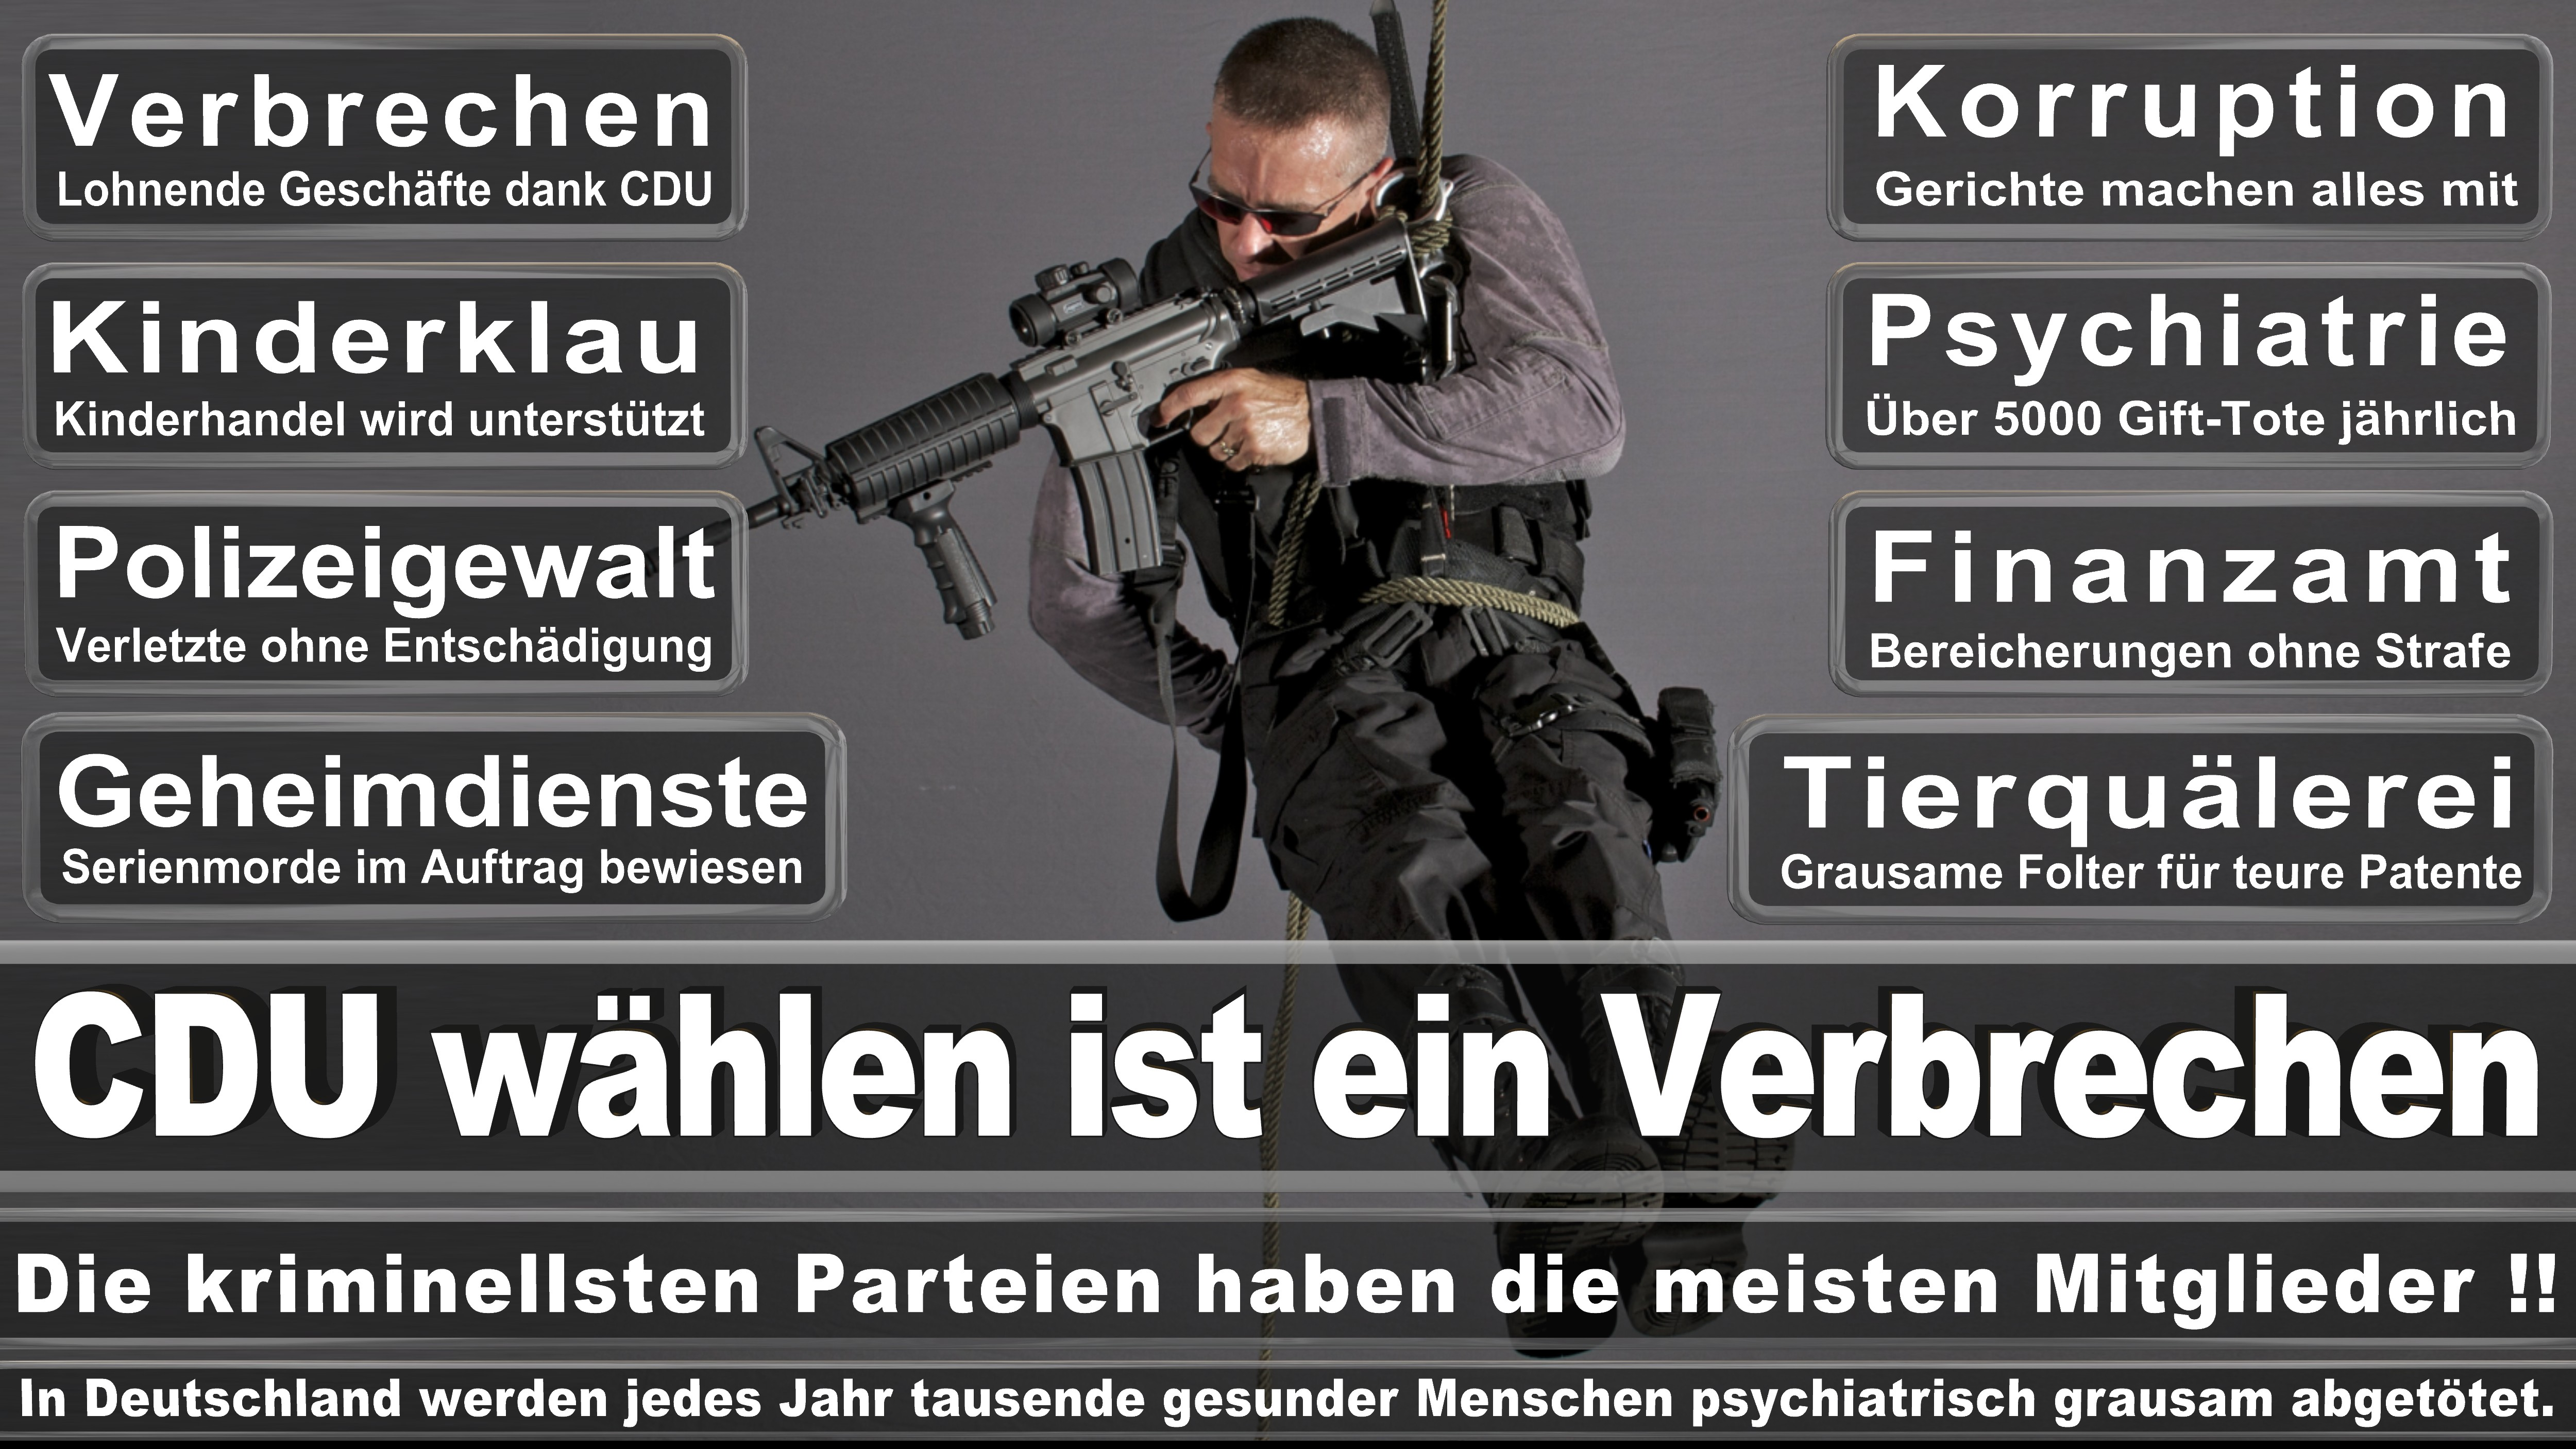 Franz L Neumann, Rechtsanwalt, Politikwissenschaftler, Autor Von Behemoth, Einem Standardwerk über Die Herrschaftsverfassung Des Nationalsozialismus